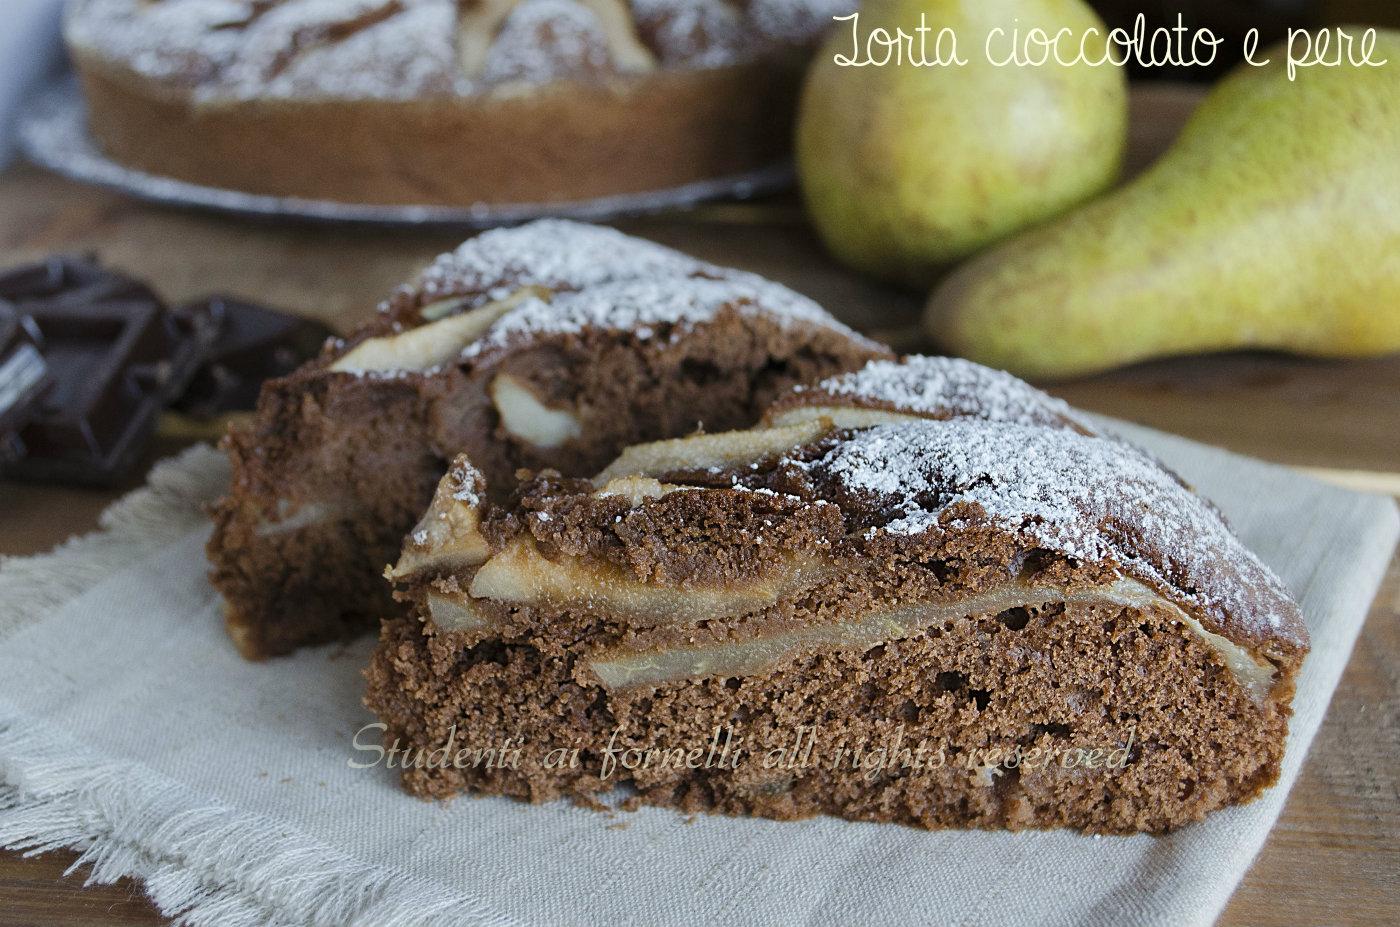 torta cioccolato e pere soffice e golosa ricetta facile